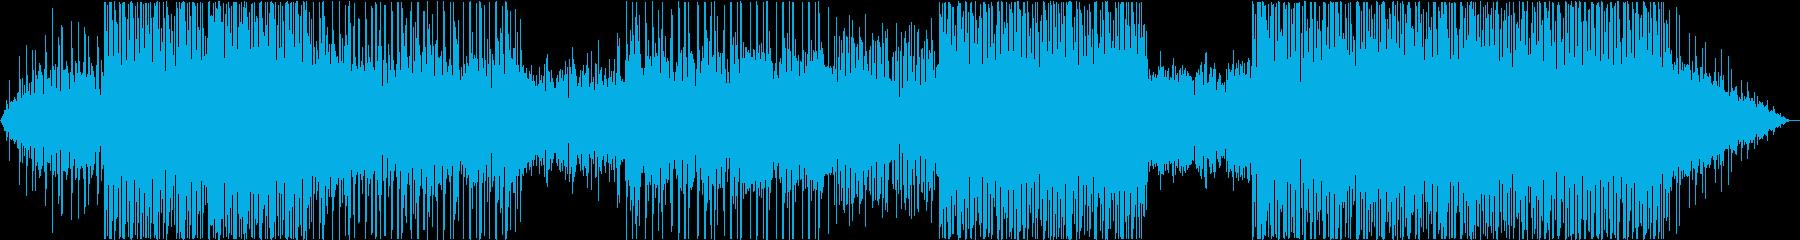 Synthpop/Beat/Retroの再生済みの波形